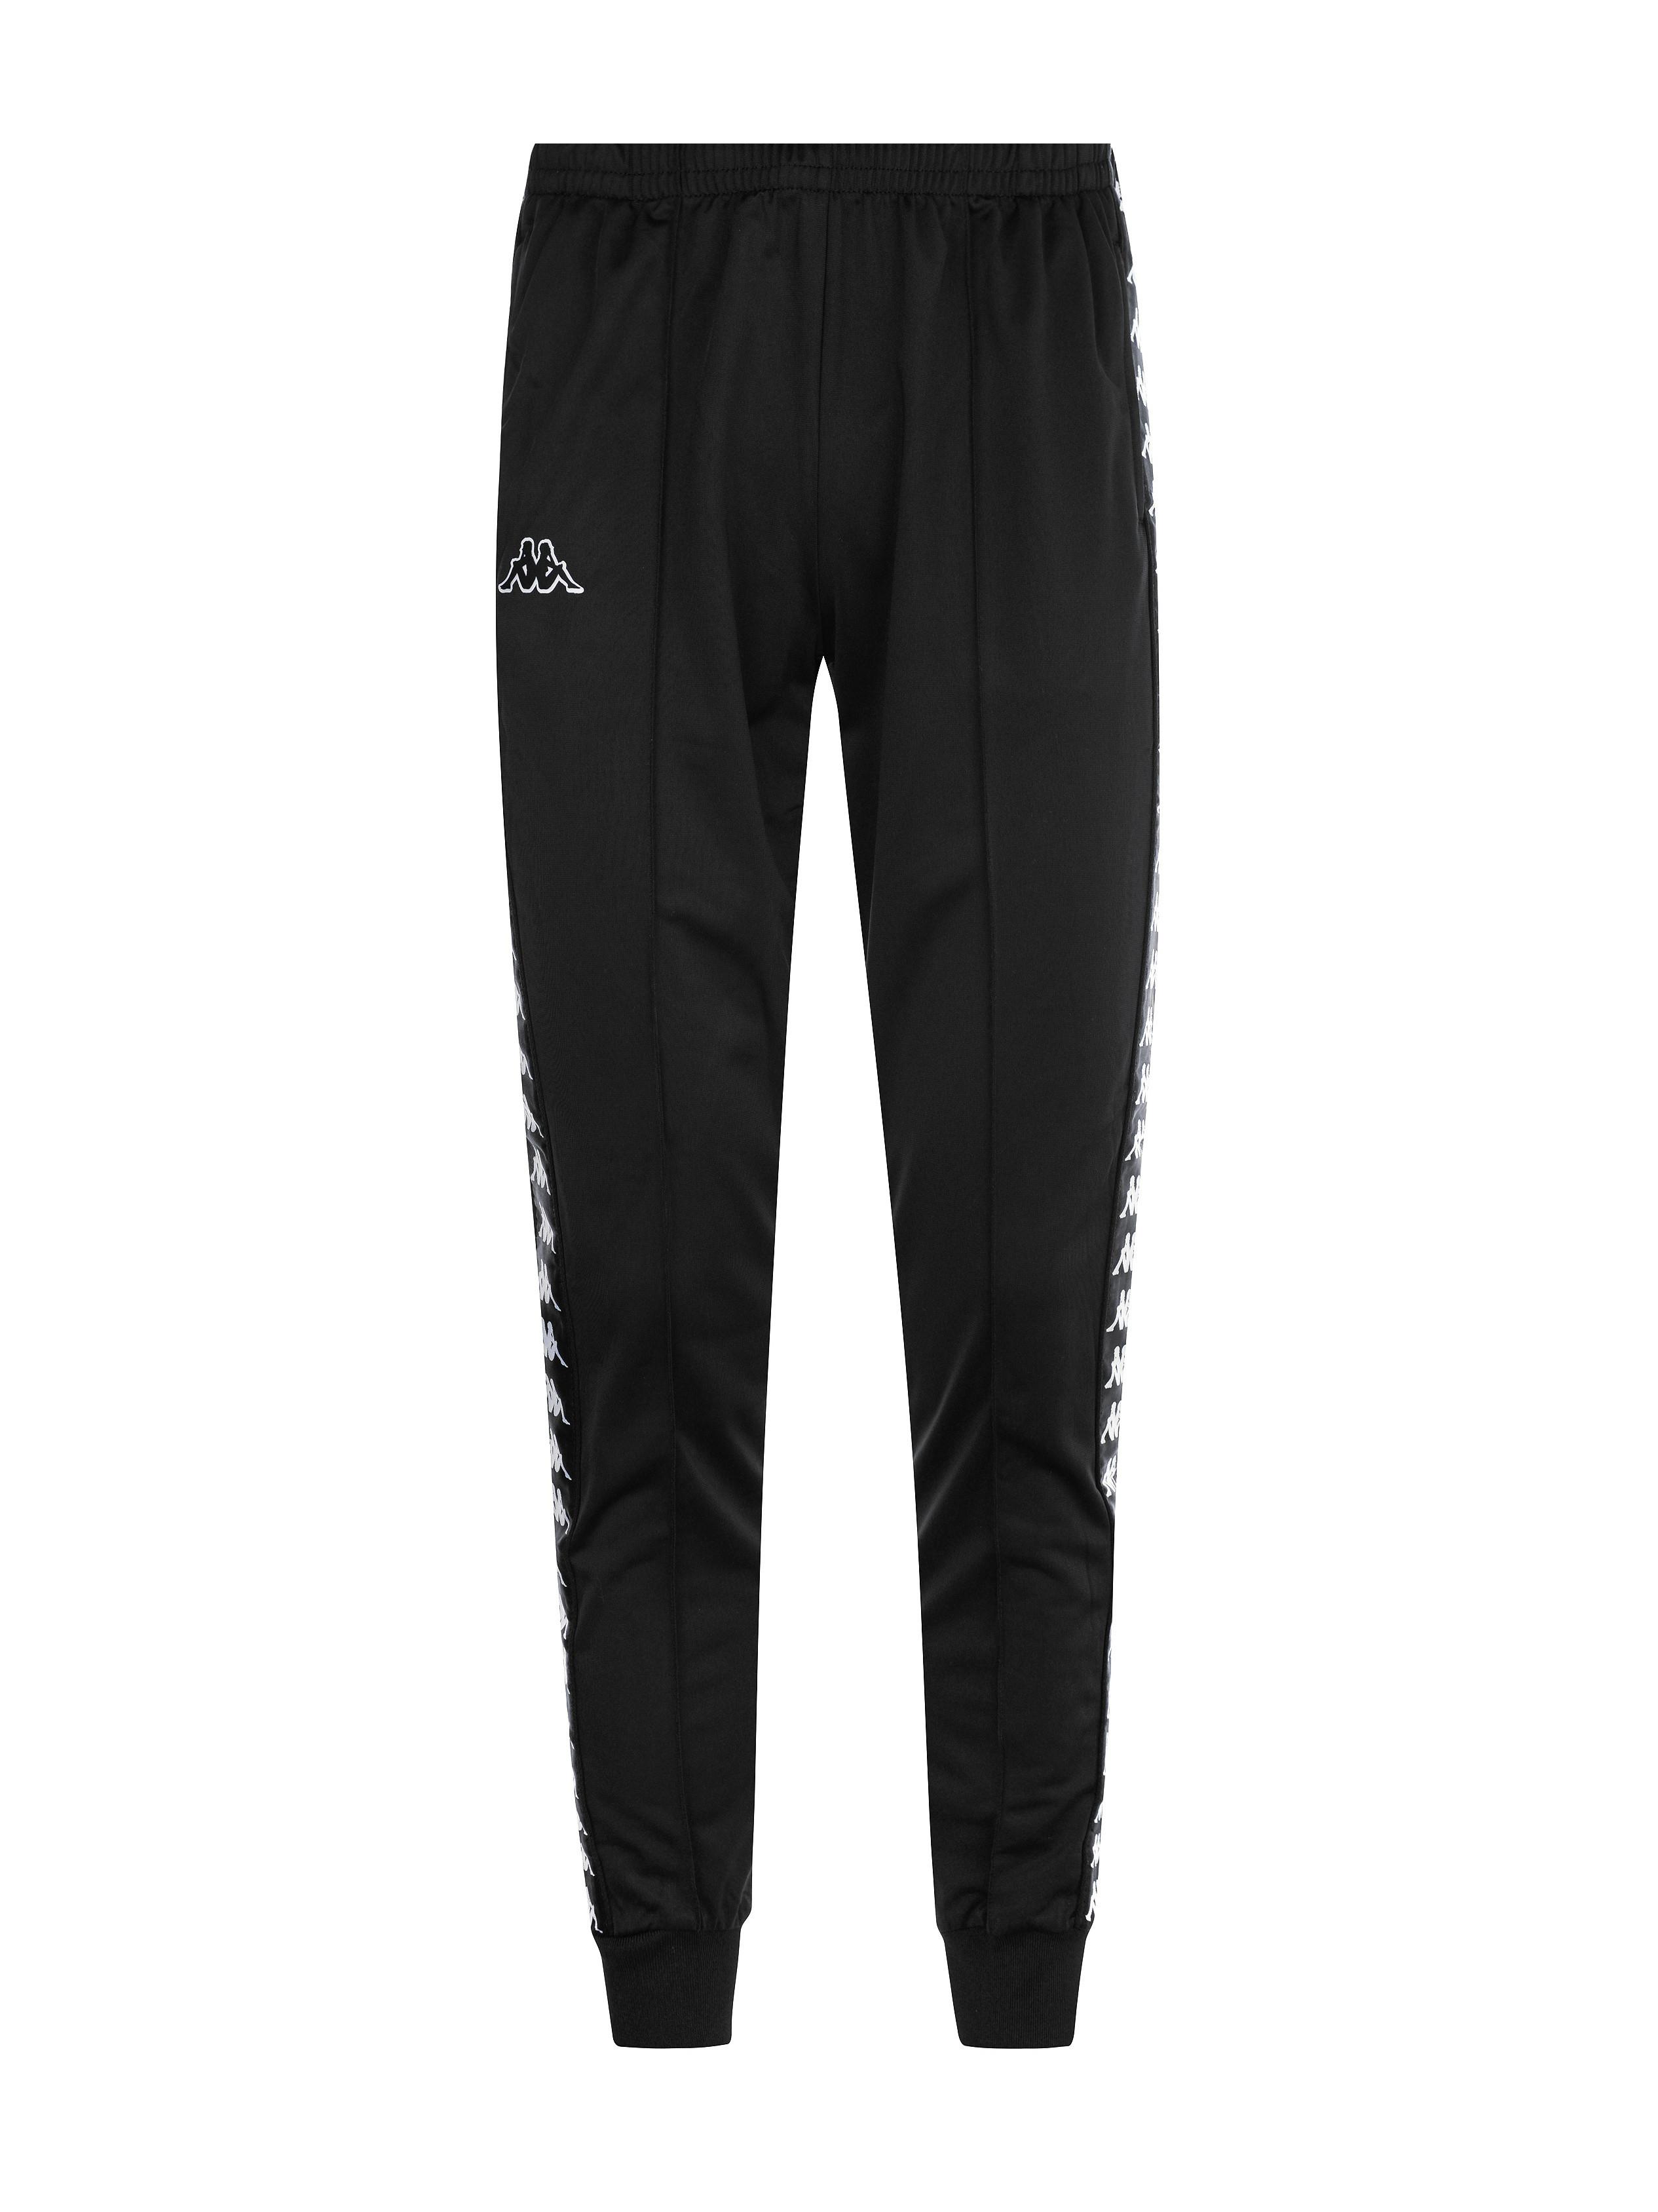 Pantalone slim con banda laterale, Nero, large image number 0